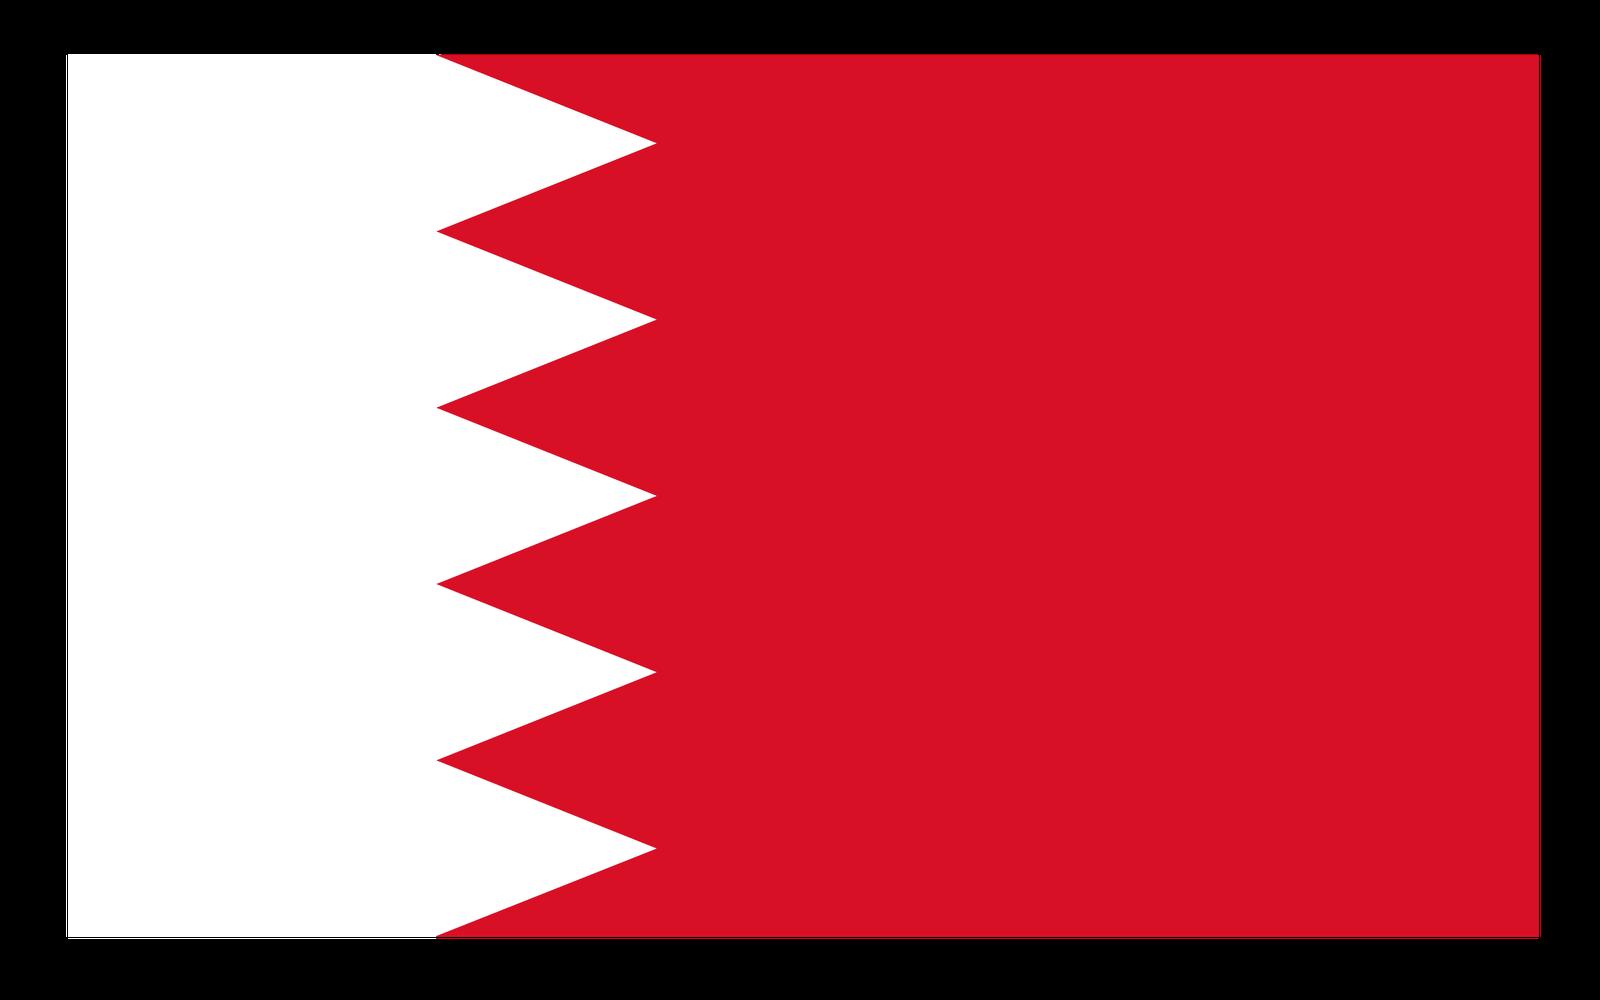 http://4.bp.blogspot.com/-RK-dp9WCwWk/TvSbNKm2juI/AAAAAAAAAZk/RMNcIczdfk4/s1600/Bahrain.png